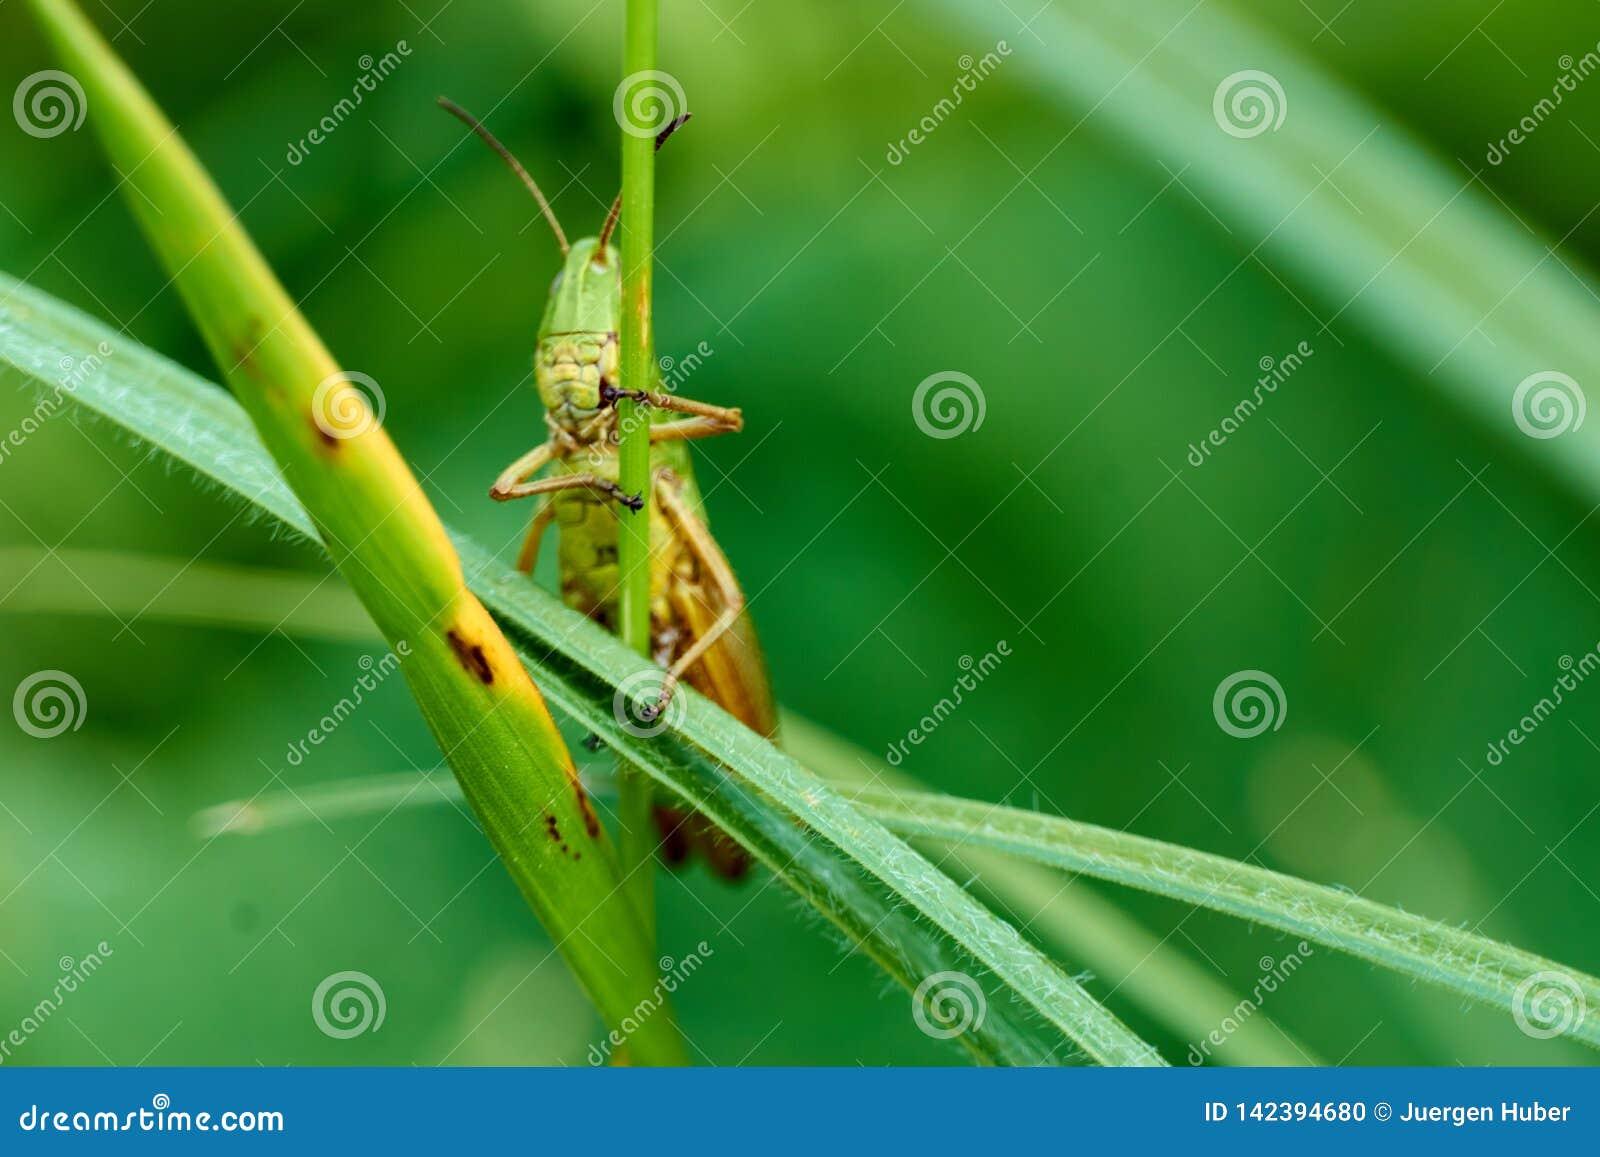 Fotografia macro do gafanhoto na folha no campo, gafanhoto um inseto planta-comer com pés traseiros longos que são usados para